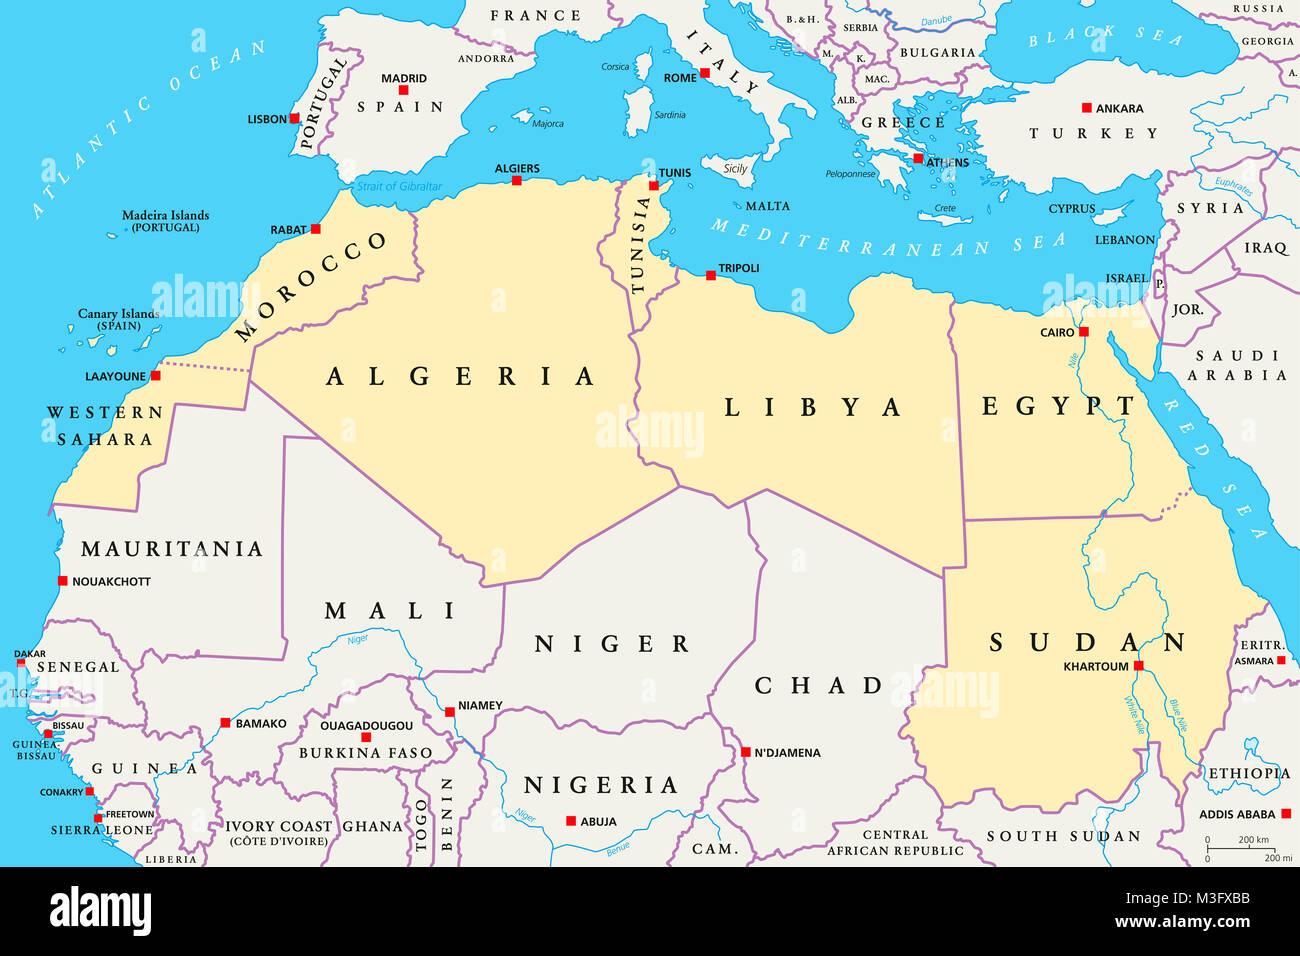 Carte De Lafrique Du Nord Avec Les Pays.L Afrique Du Nord Une Carte Politique Zone De Couleur